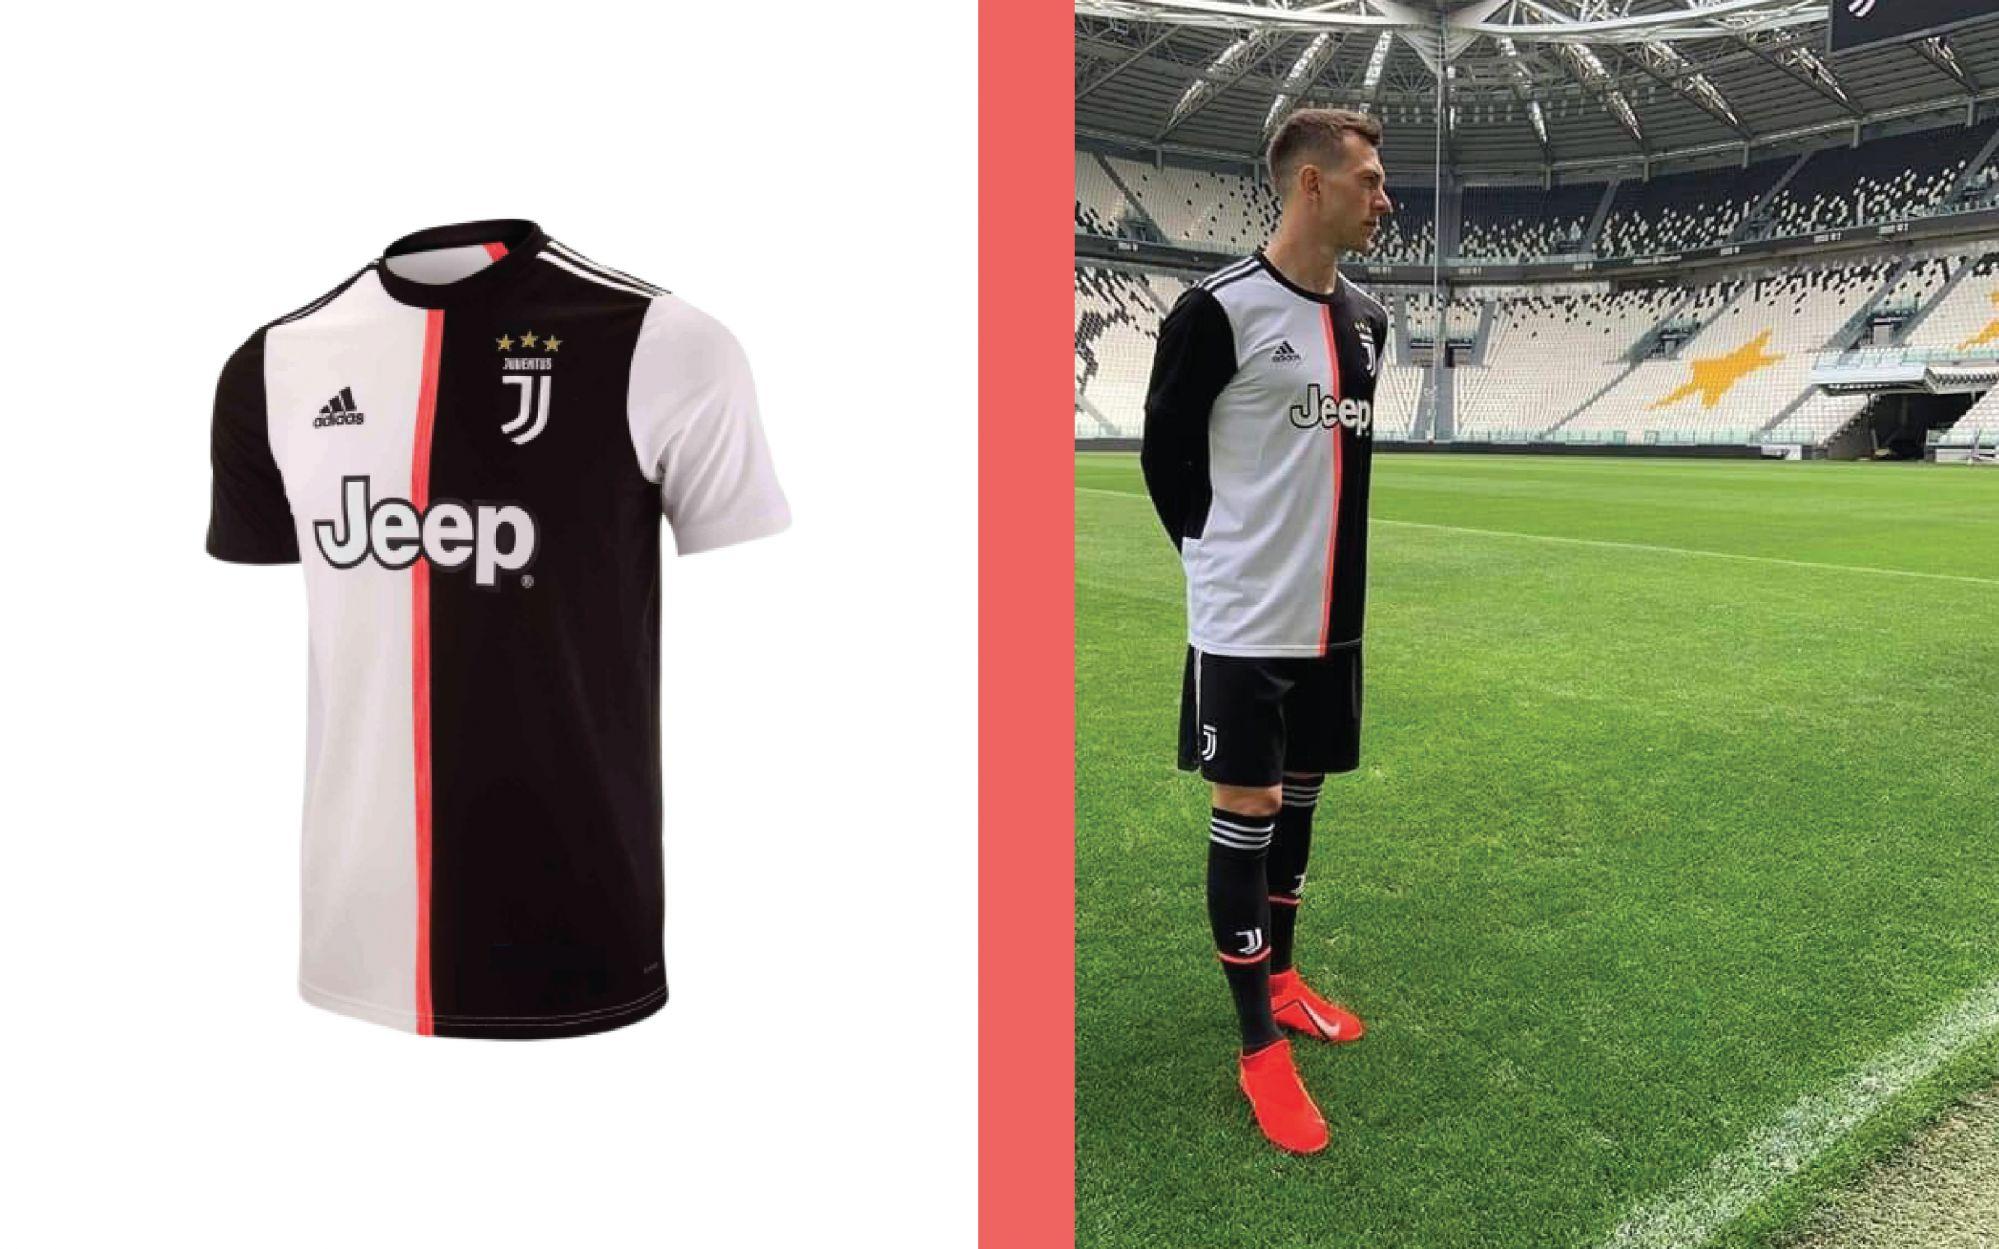 retroblog - Perchè ha cambiato la maglia la Juventus?   Retrofootball®